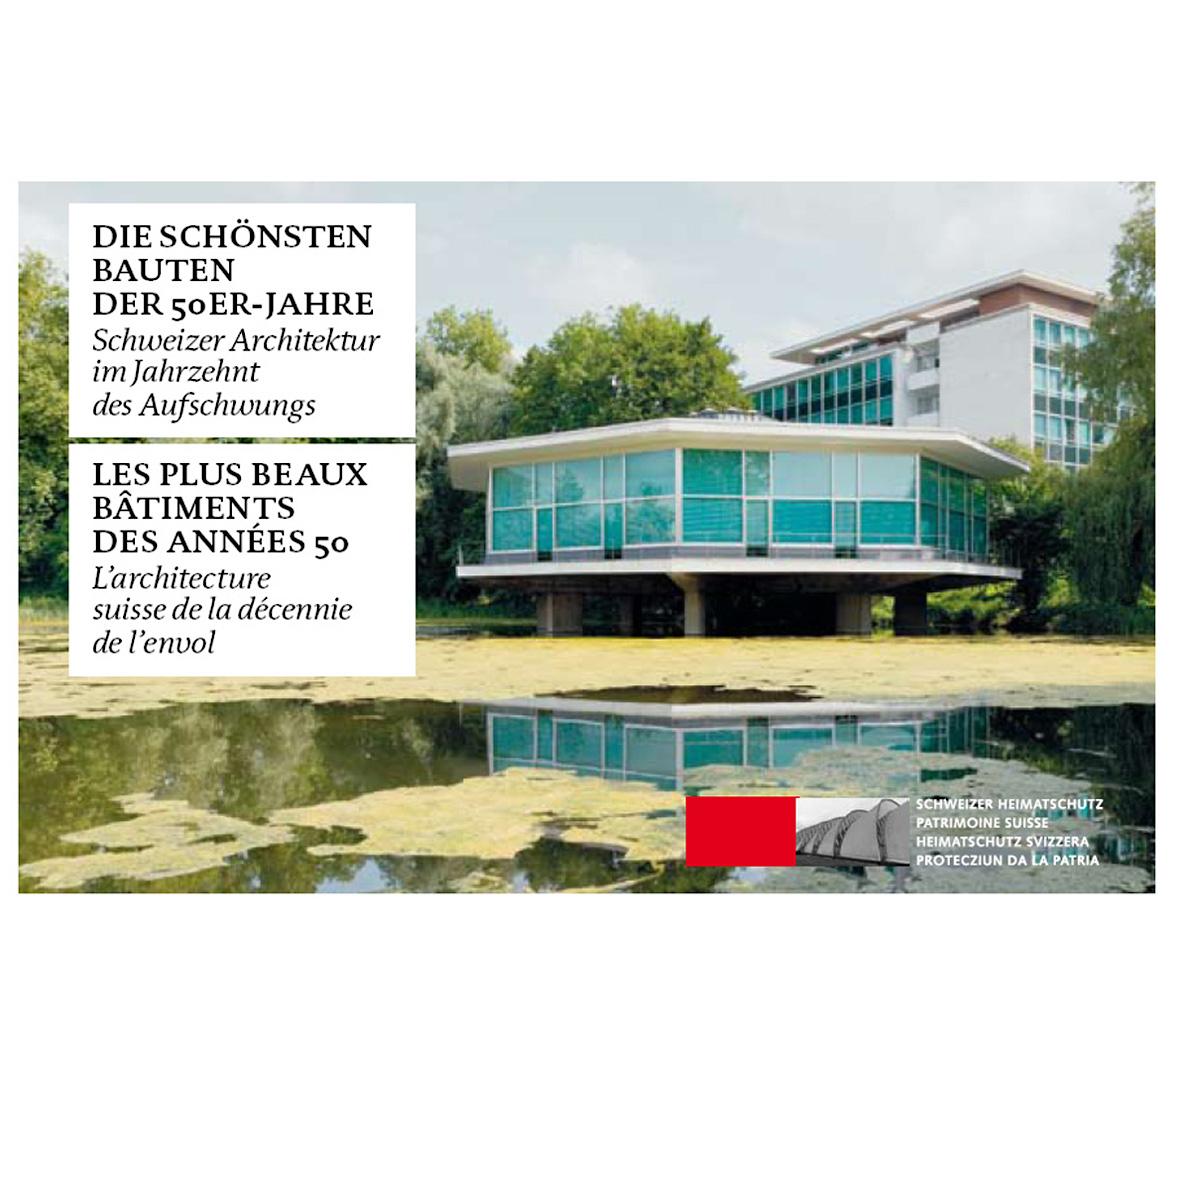 Die schönsten Bauten der 50er-Jahre der Schweiz – Heimatschutz